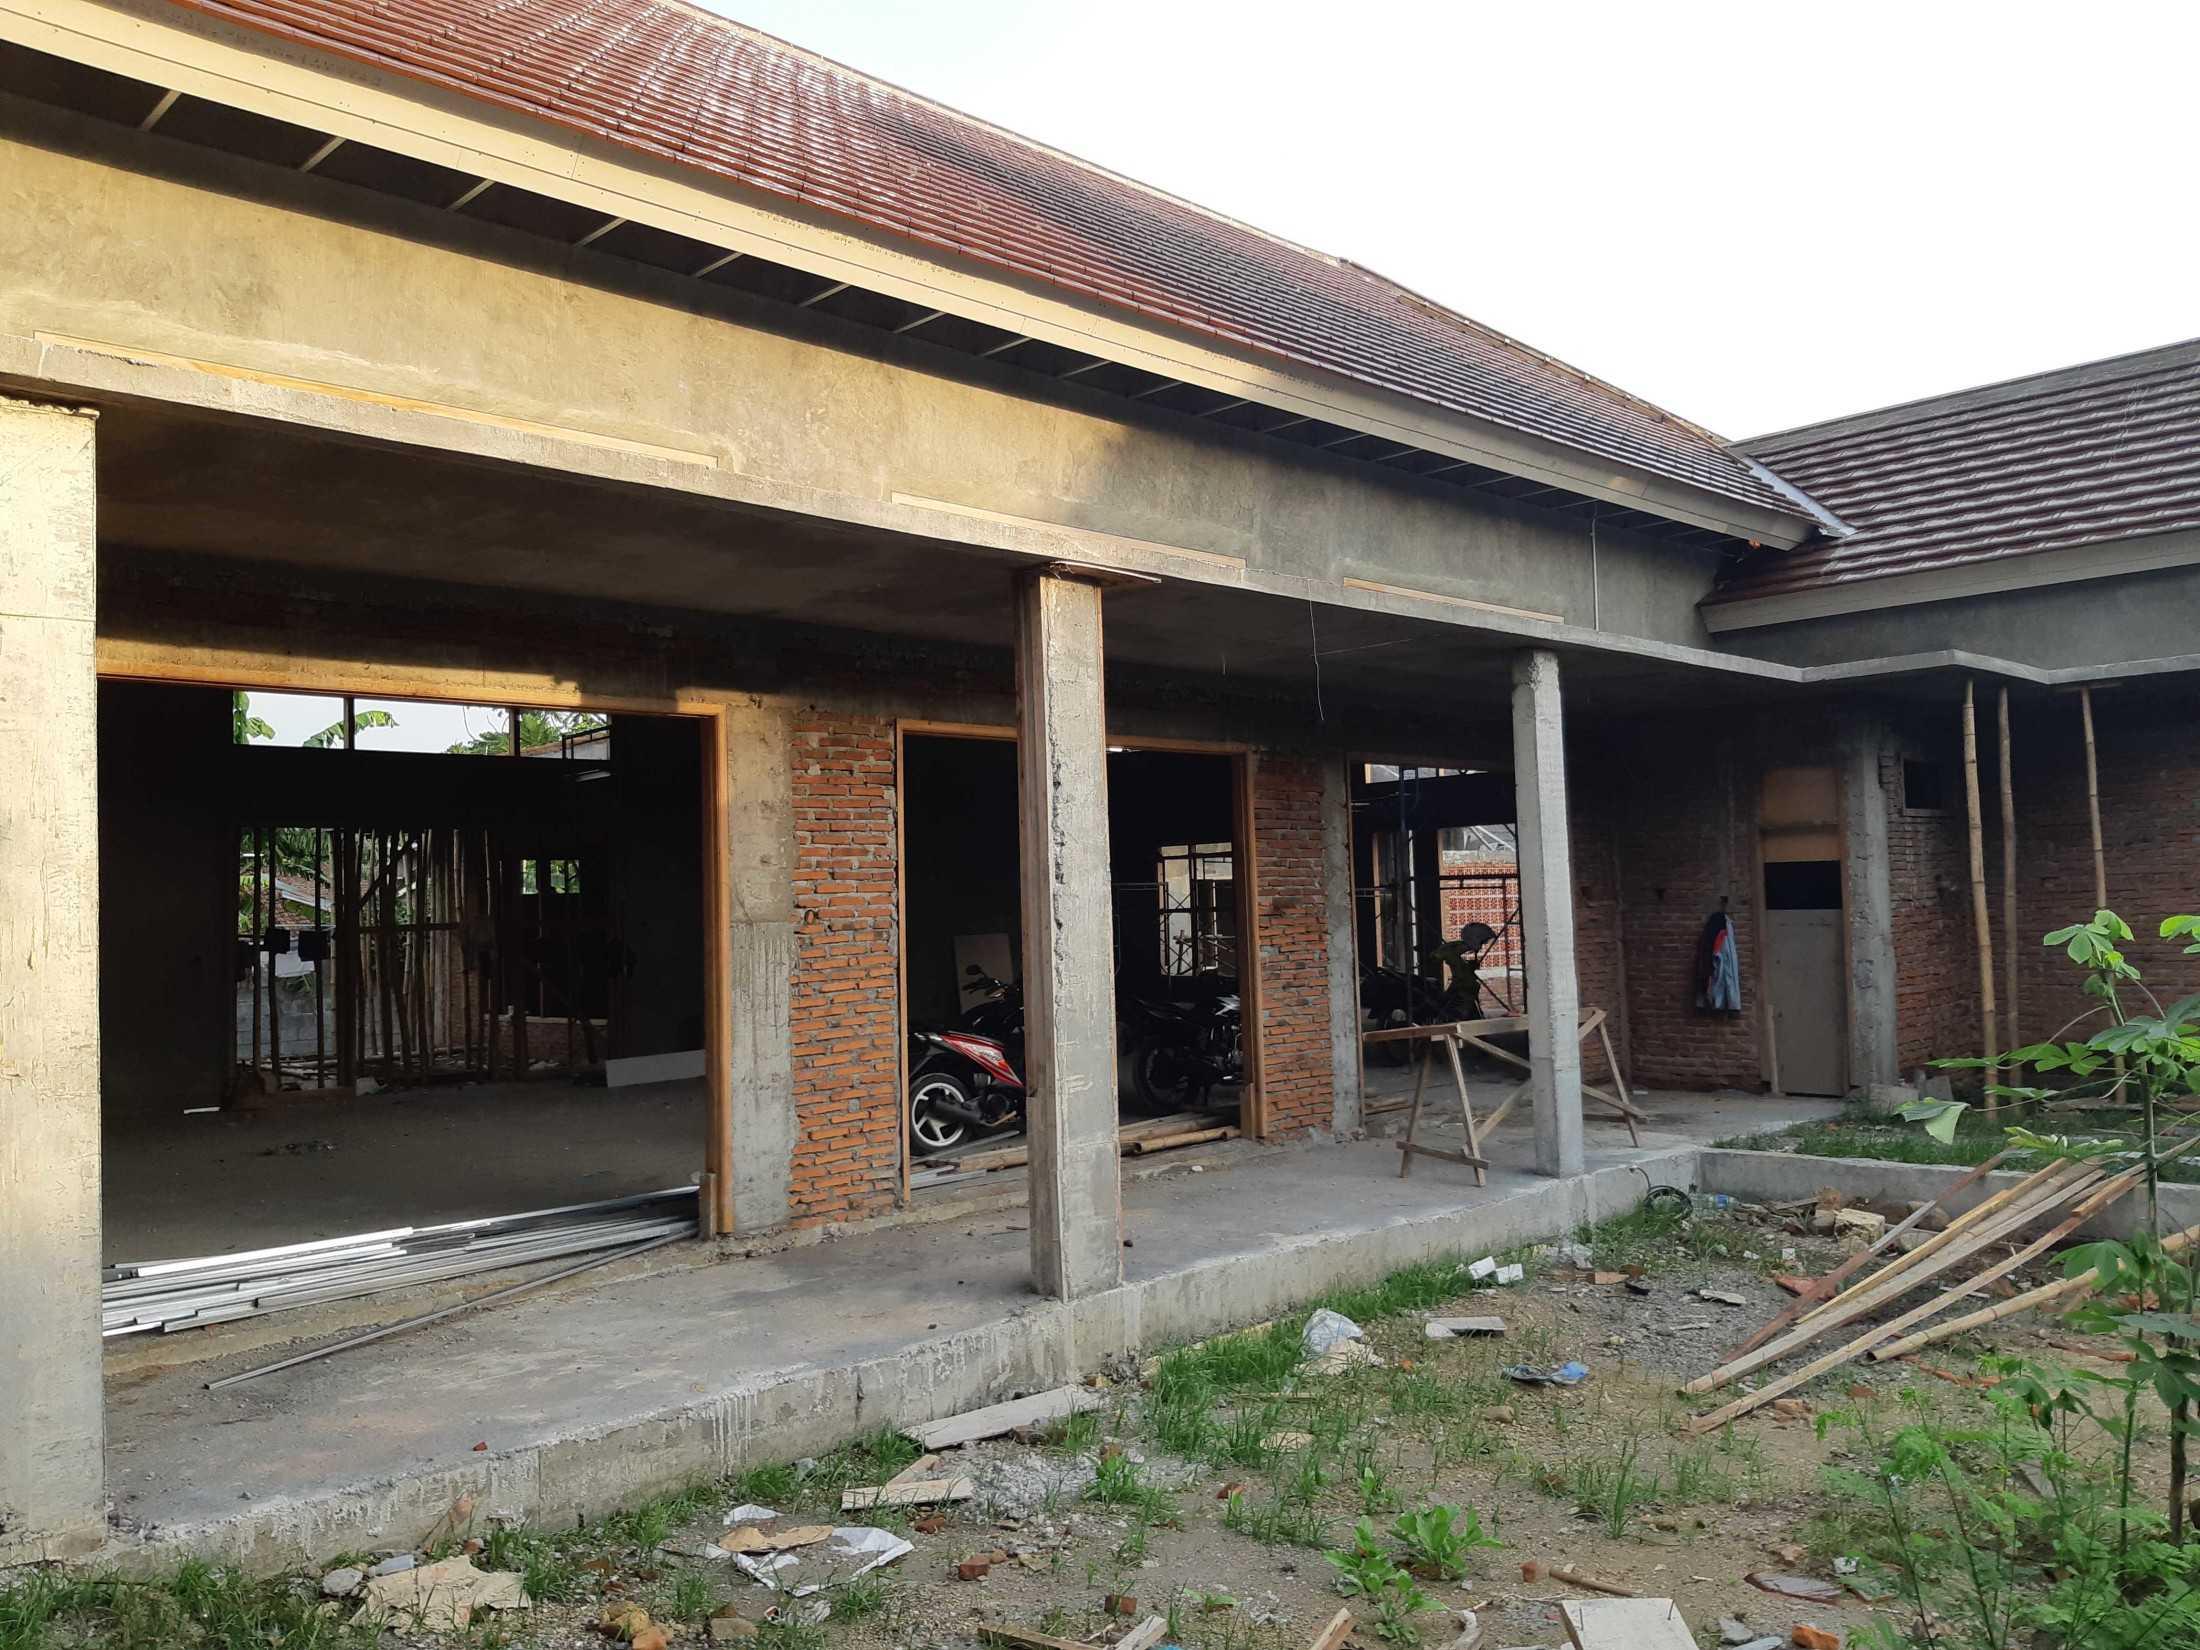 Gradasi Pungky House Mojokerto, Mergelo, Kota Mojokerto, Jawa Timur, Indonesia Mojokerto, Mergelo, Kota Mojokerto, Jawa Timur, Indonesia Gradasi7-Pungky-House  89098